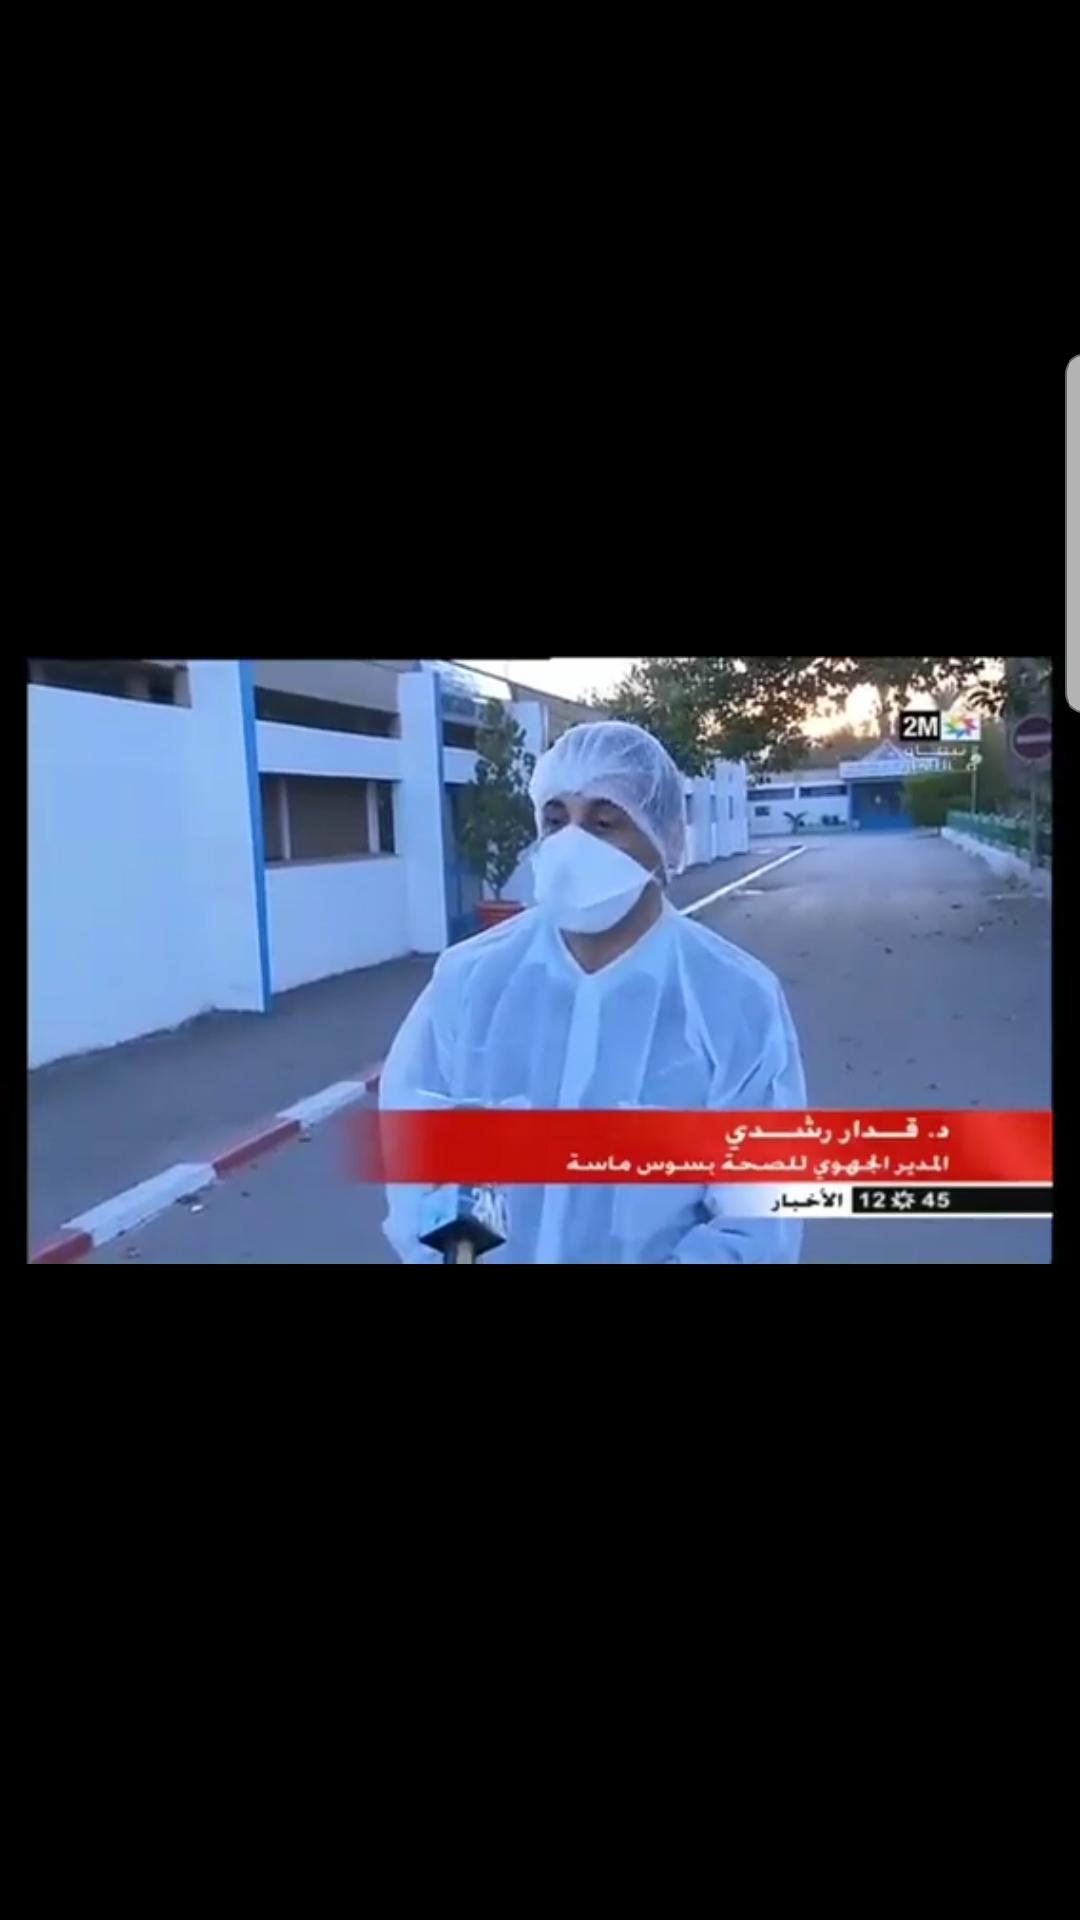 الدكتور رشدي قدار: التدابير المتخذةمكنتنا من السيطرة على الوضعية الوبائية لكورونا في جهة سوس ماسة